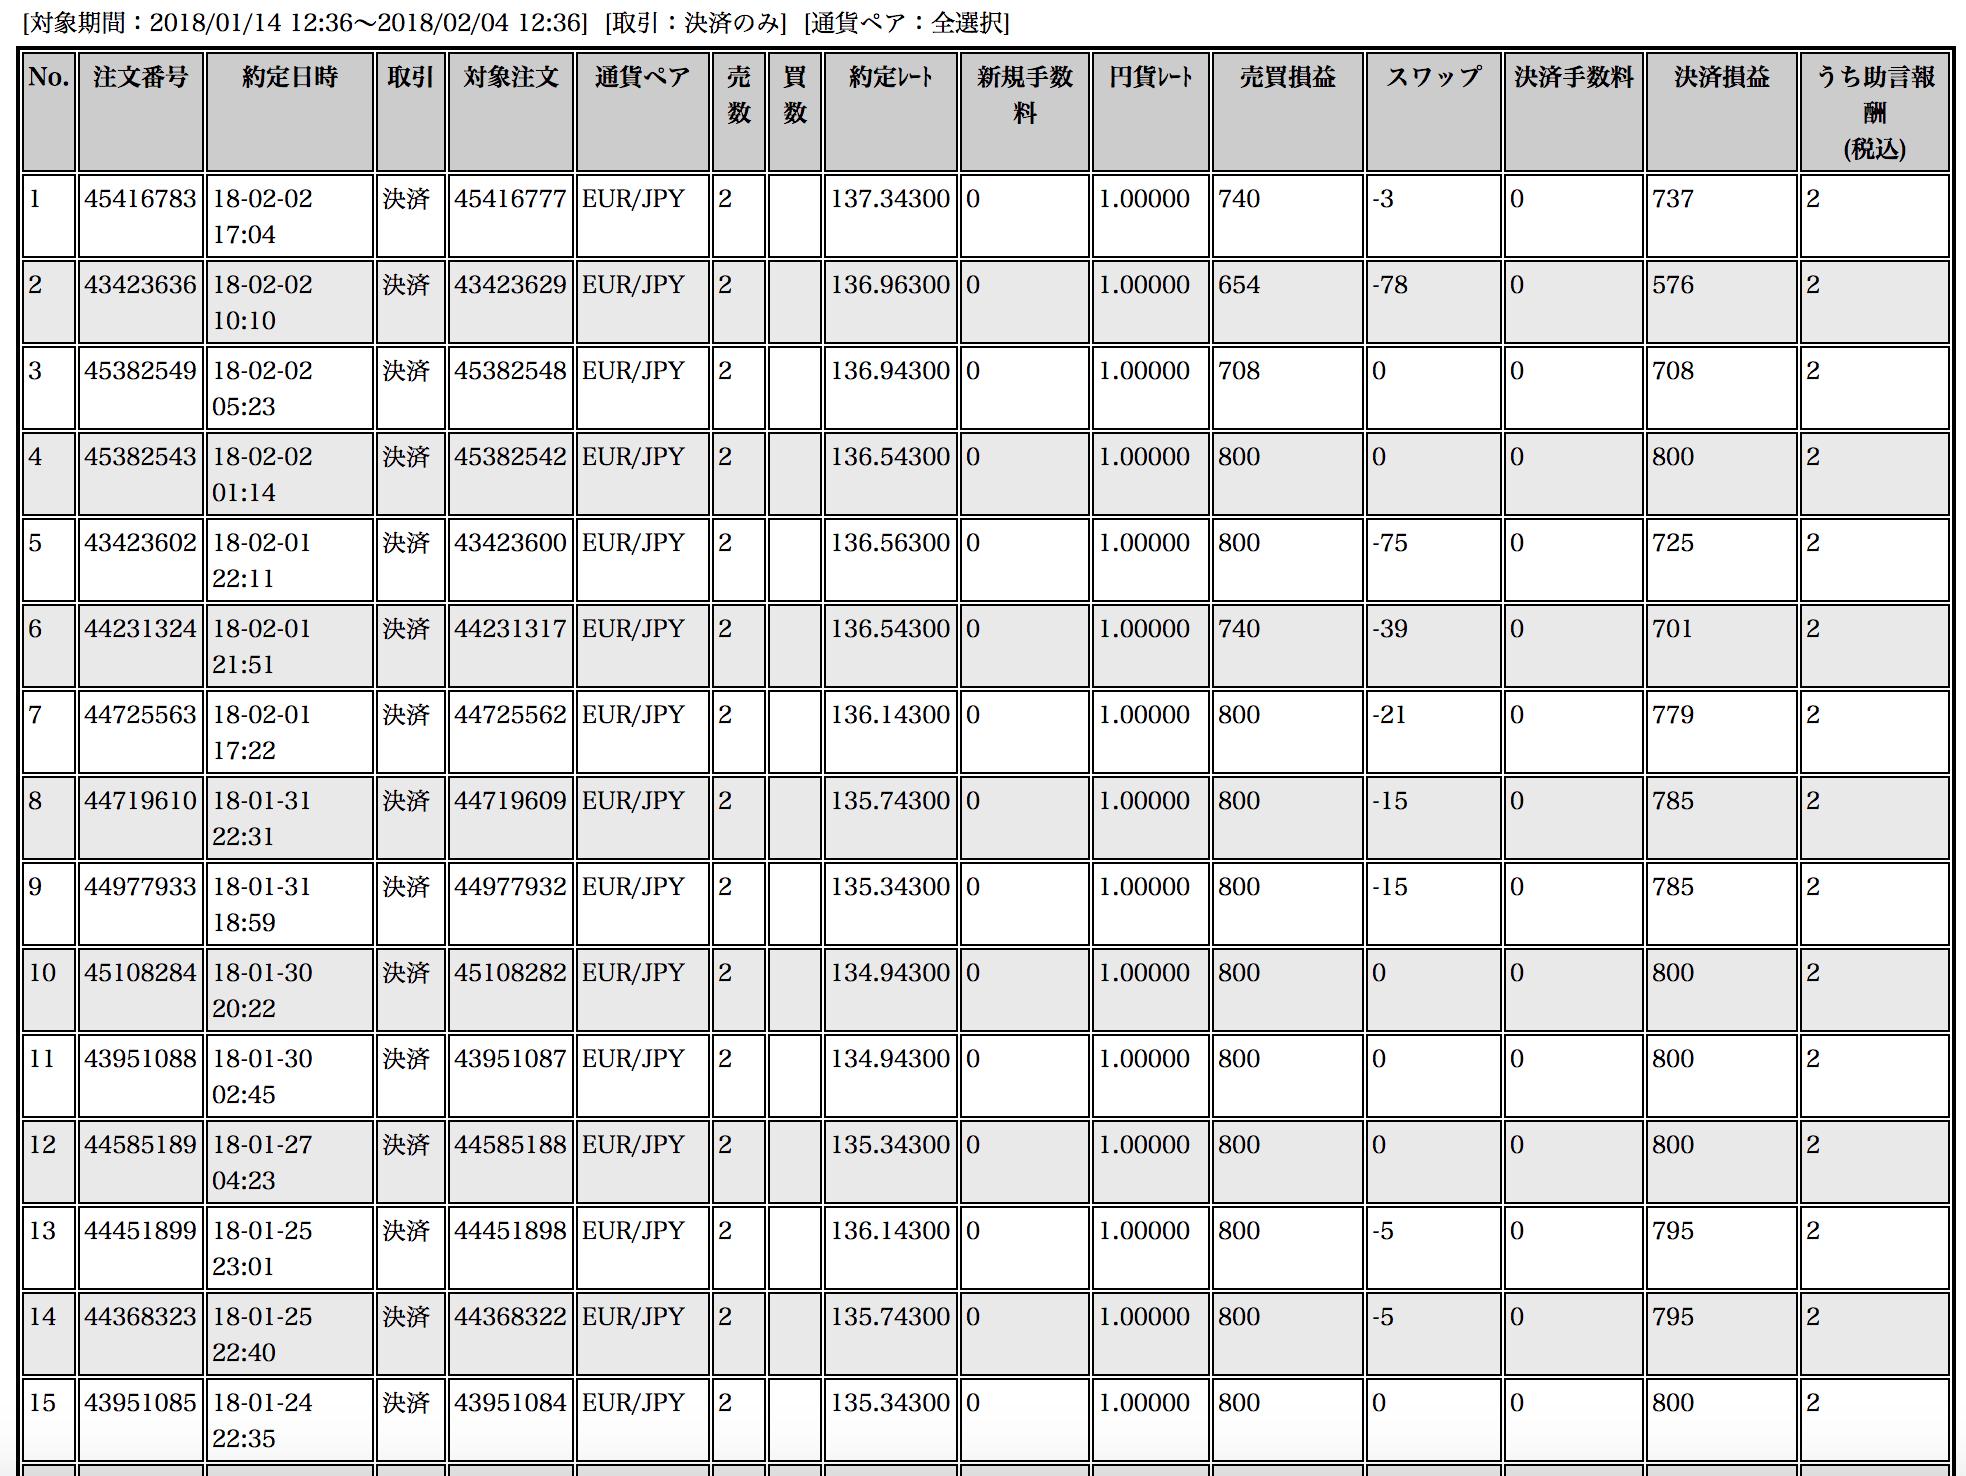 【ループイフダン】1月15日〜2月2日の収支は+17,711円と絶好調!今年は1ヶ月で実質1割近く増えますた(*゚∀゚)=3ウマー!【限定キャンペーン延長決定】